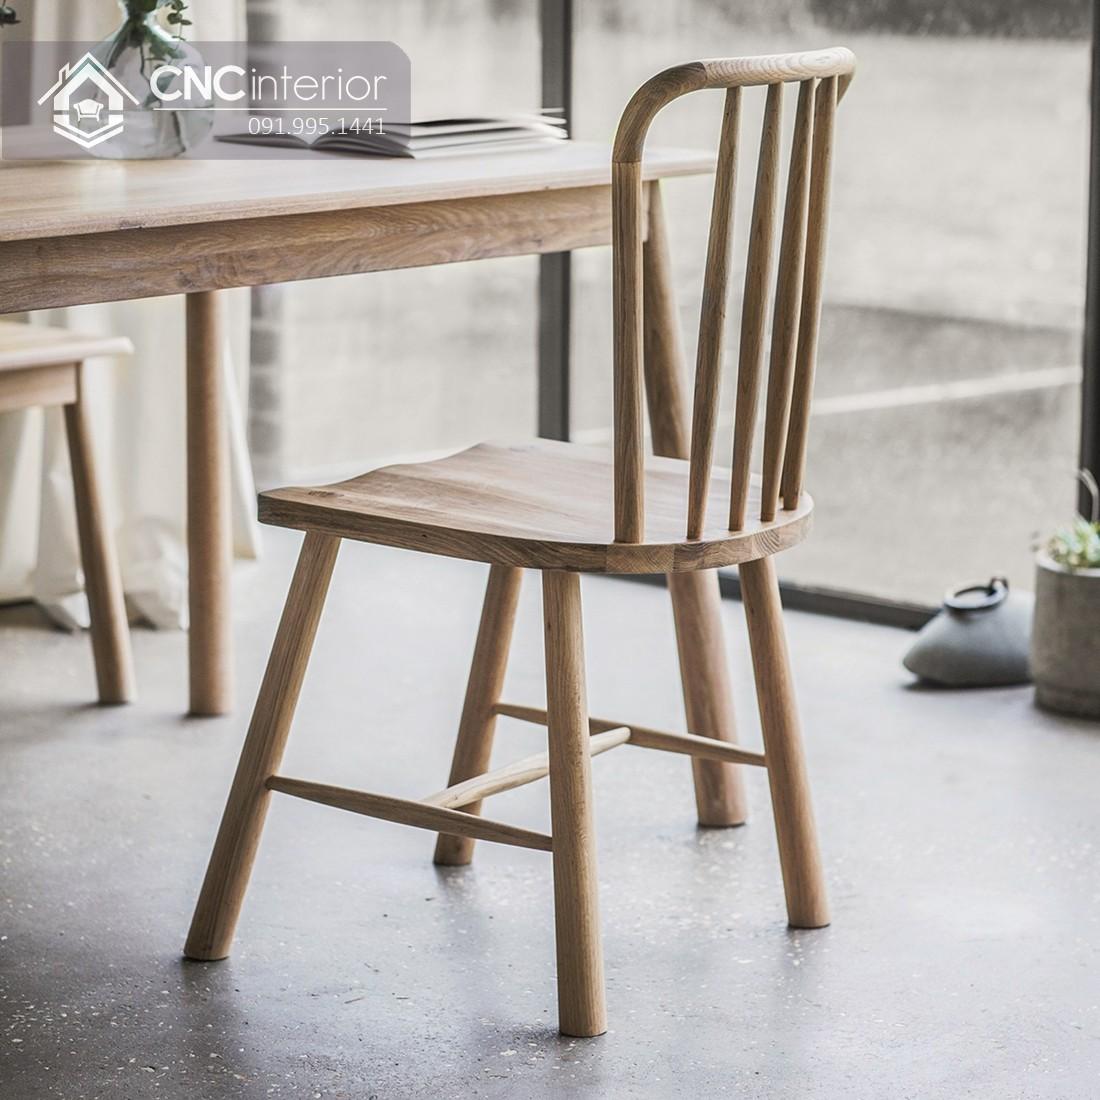 Kích thước, chất liệu, màu sắc của bộ bàn ăn có thể thay đổi theo yêu cầu.